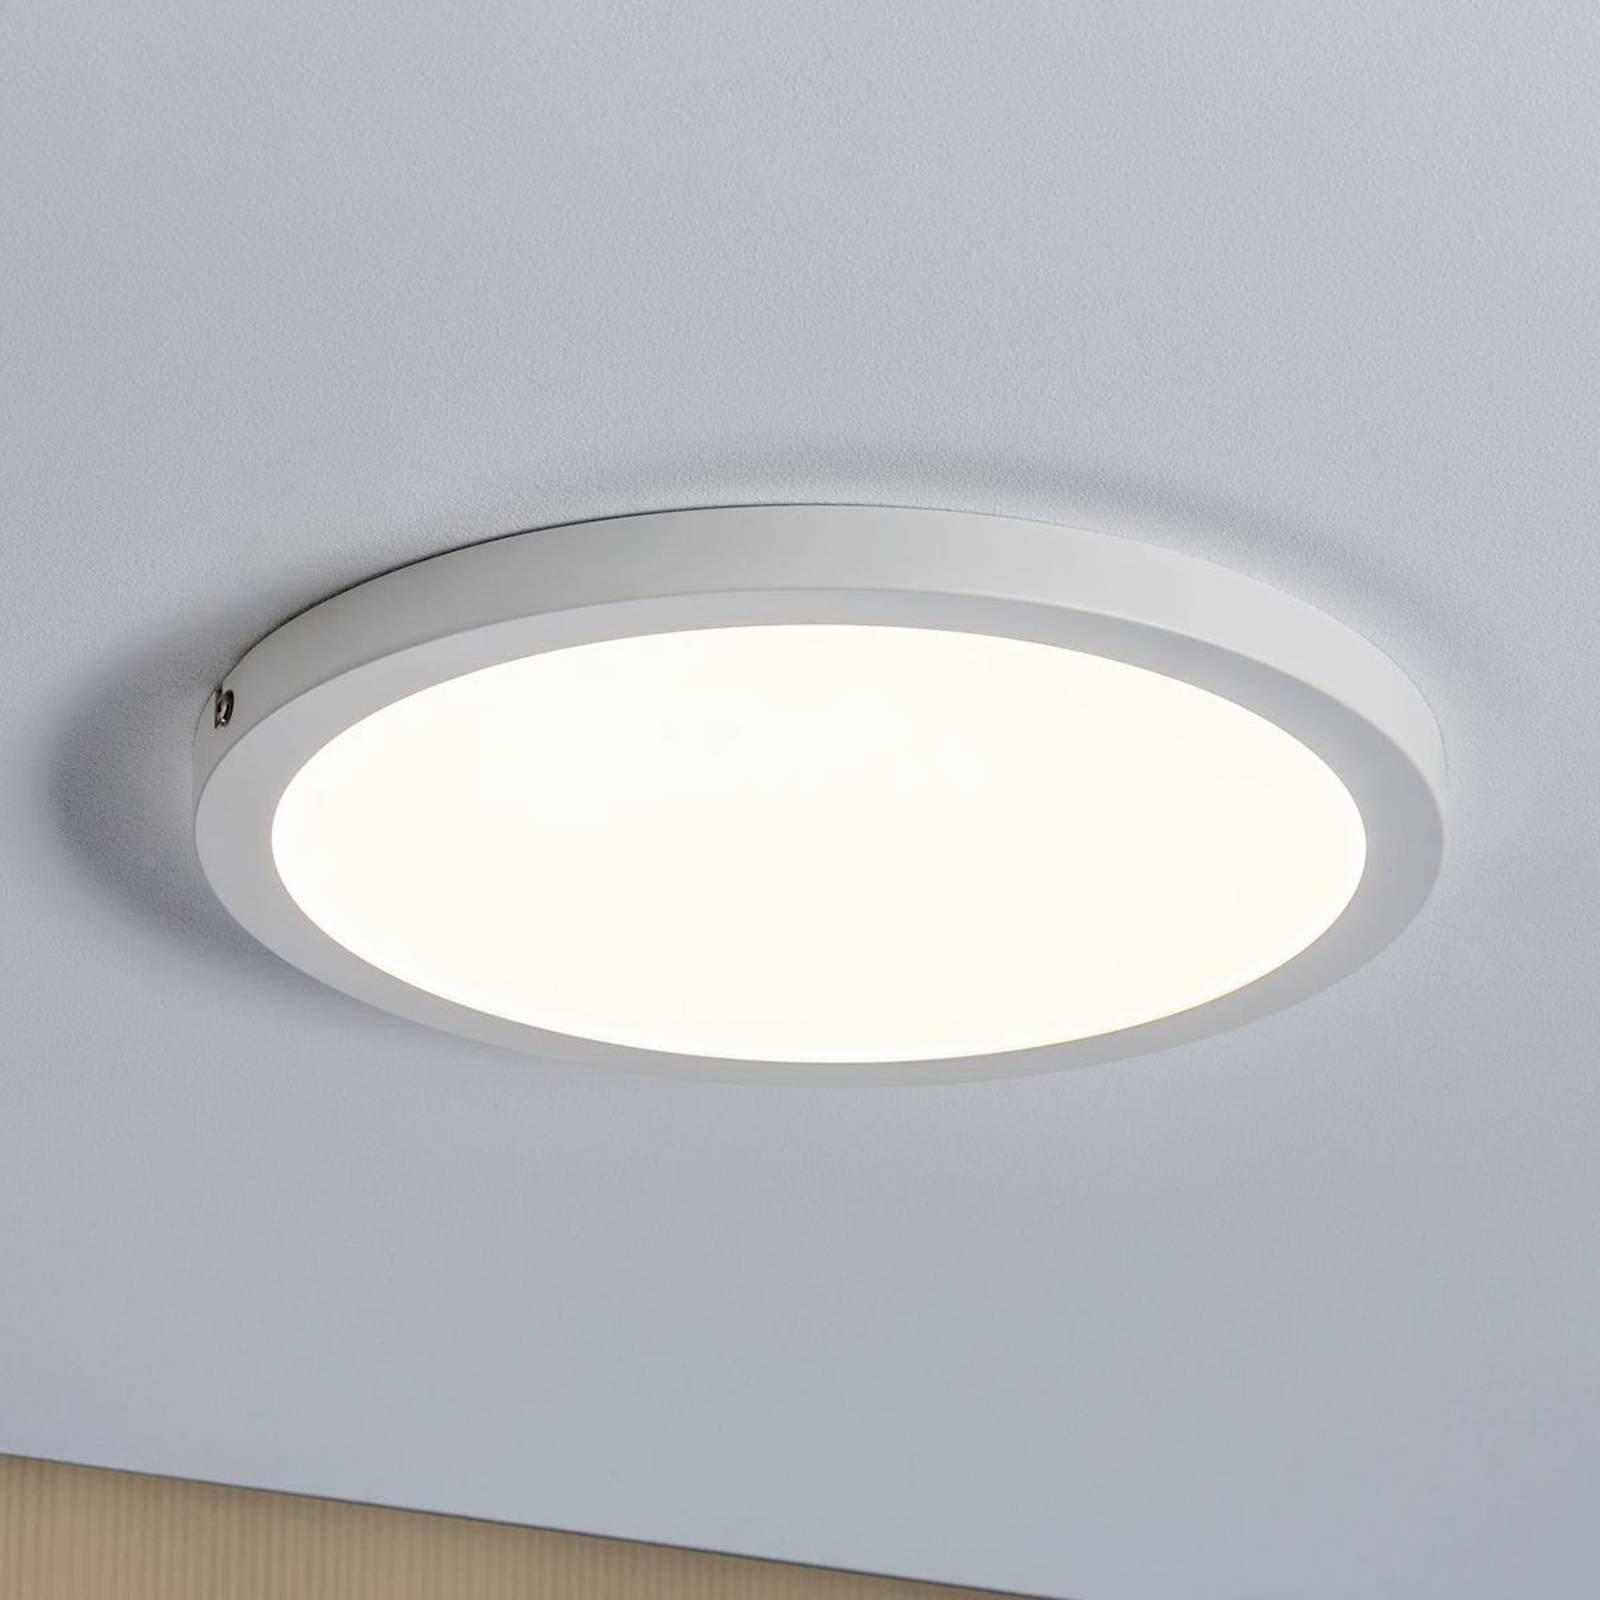 Paulmann Atria LED-taklampe Ø30 cm hvit matt